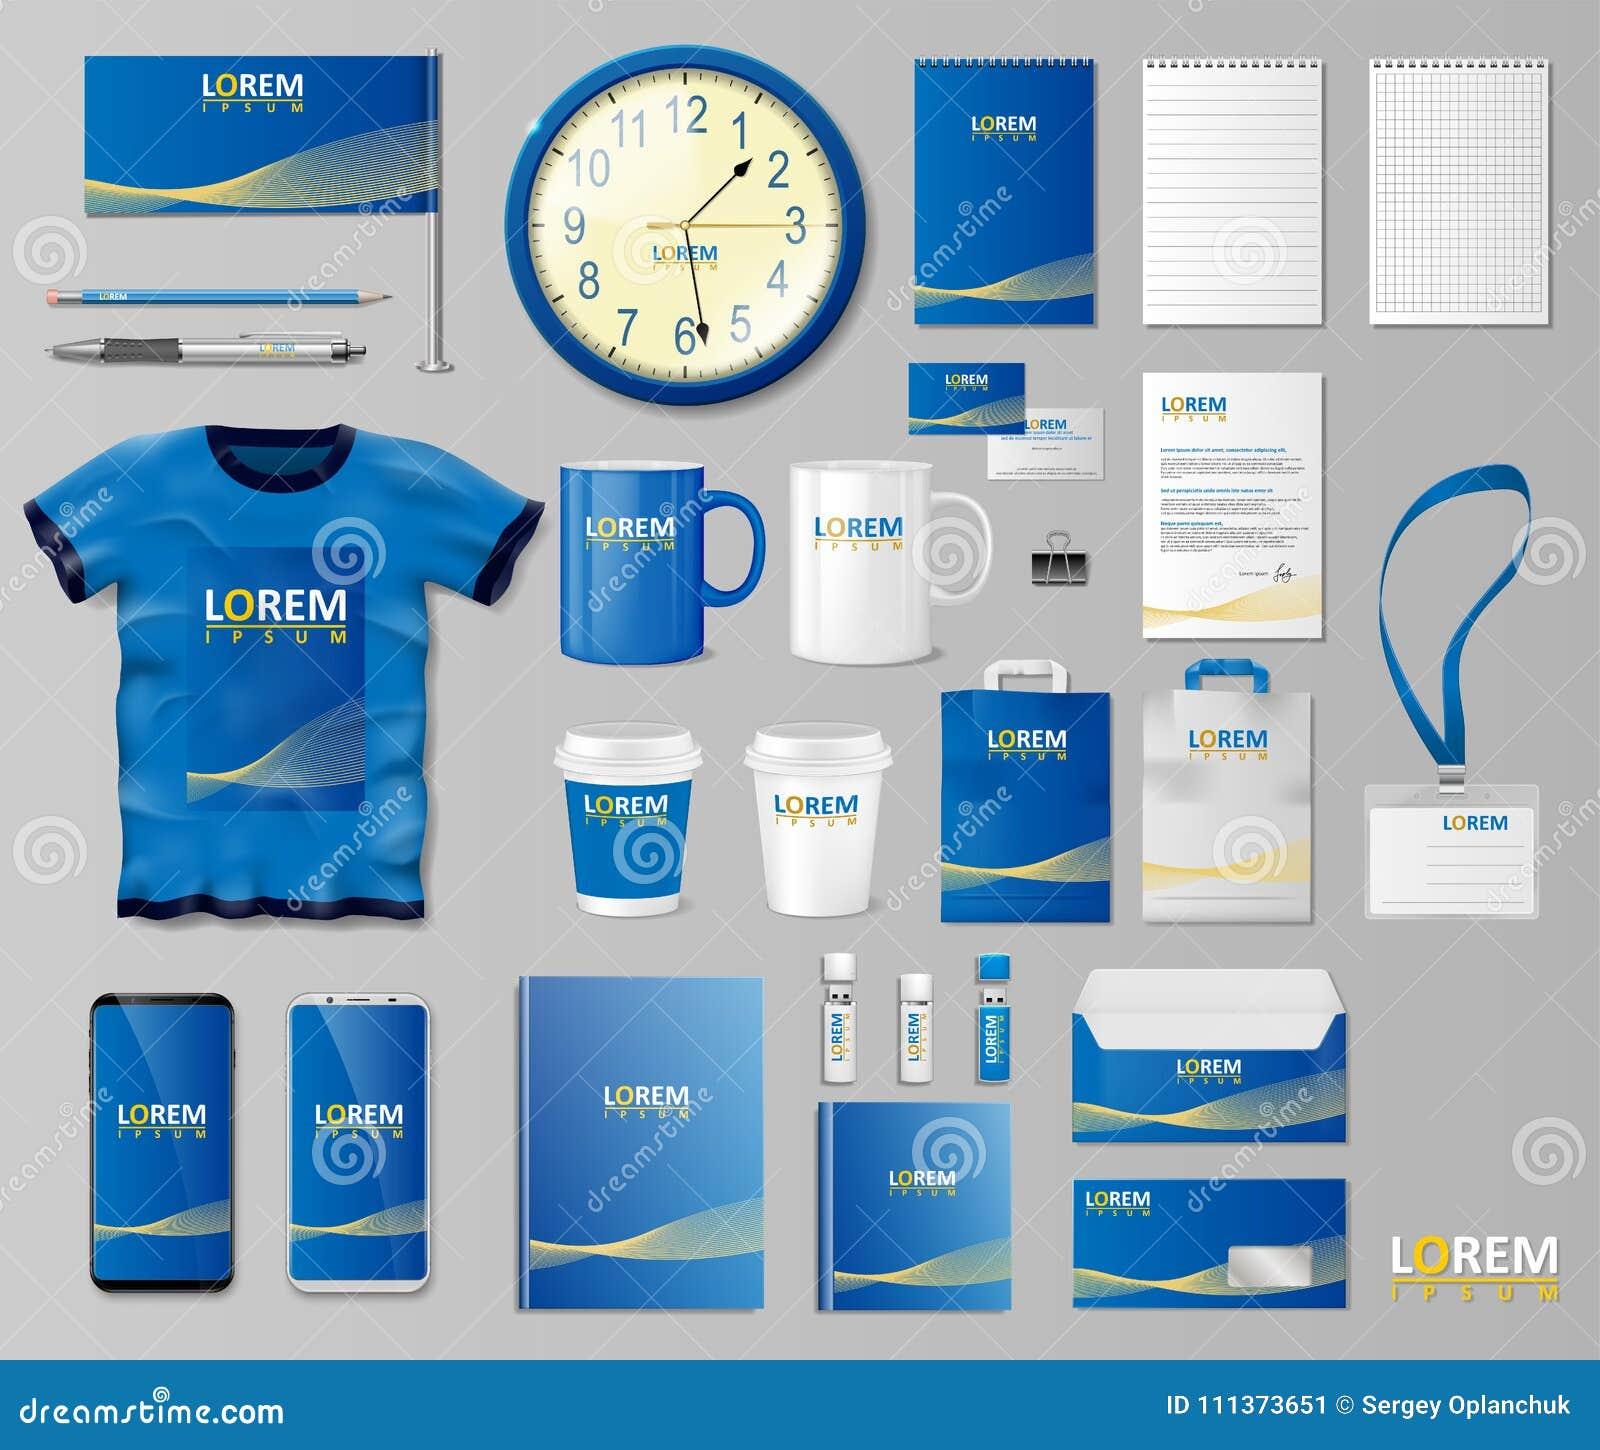 Корпоративный дизайн шаблона клеймя идентичности Модель-макет канцелярских принадлежностей для магазина с современной голубой стр